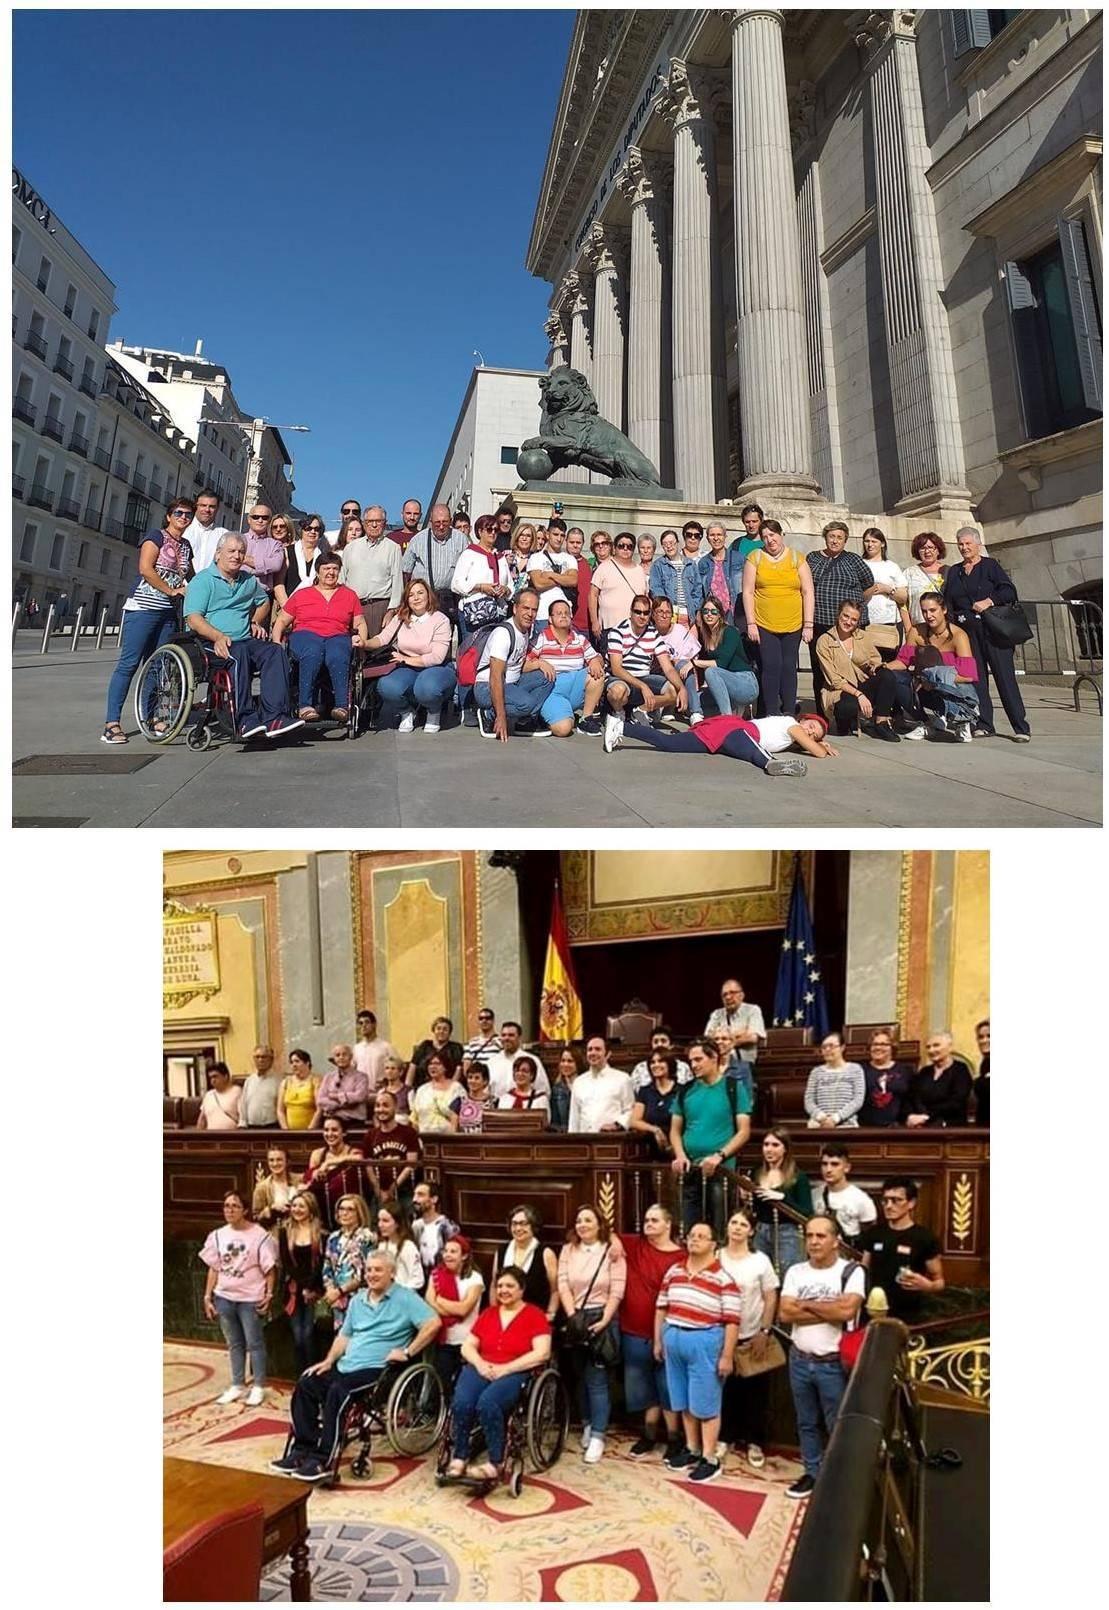 Visita cultural a Madrid 2019